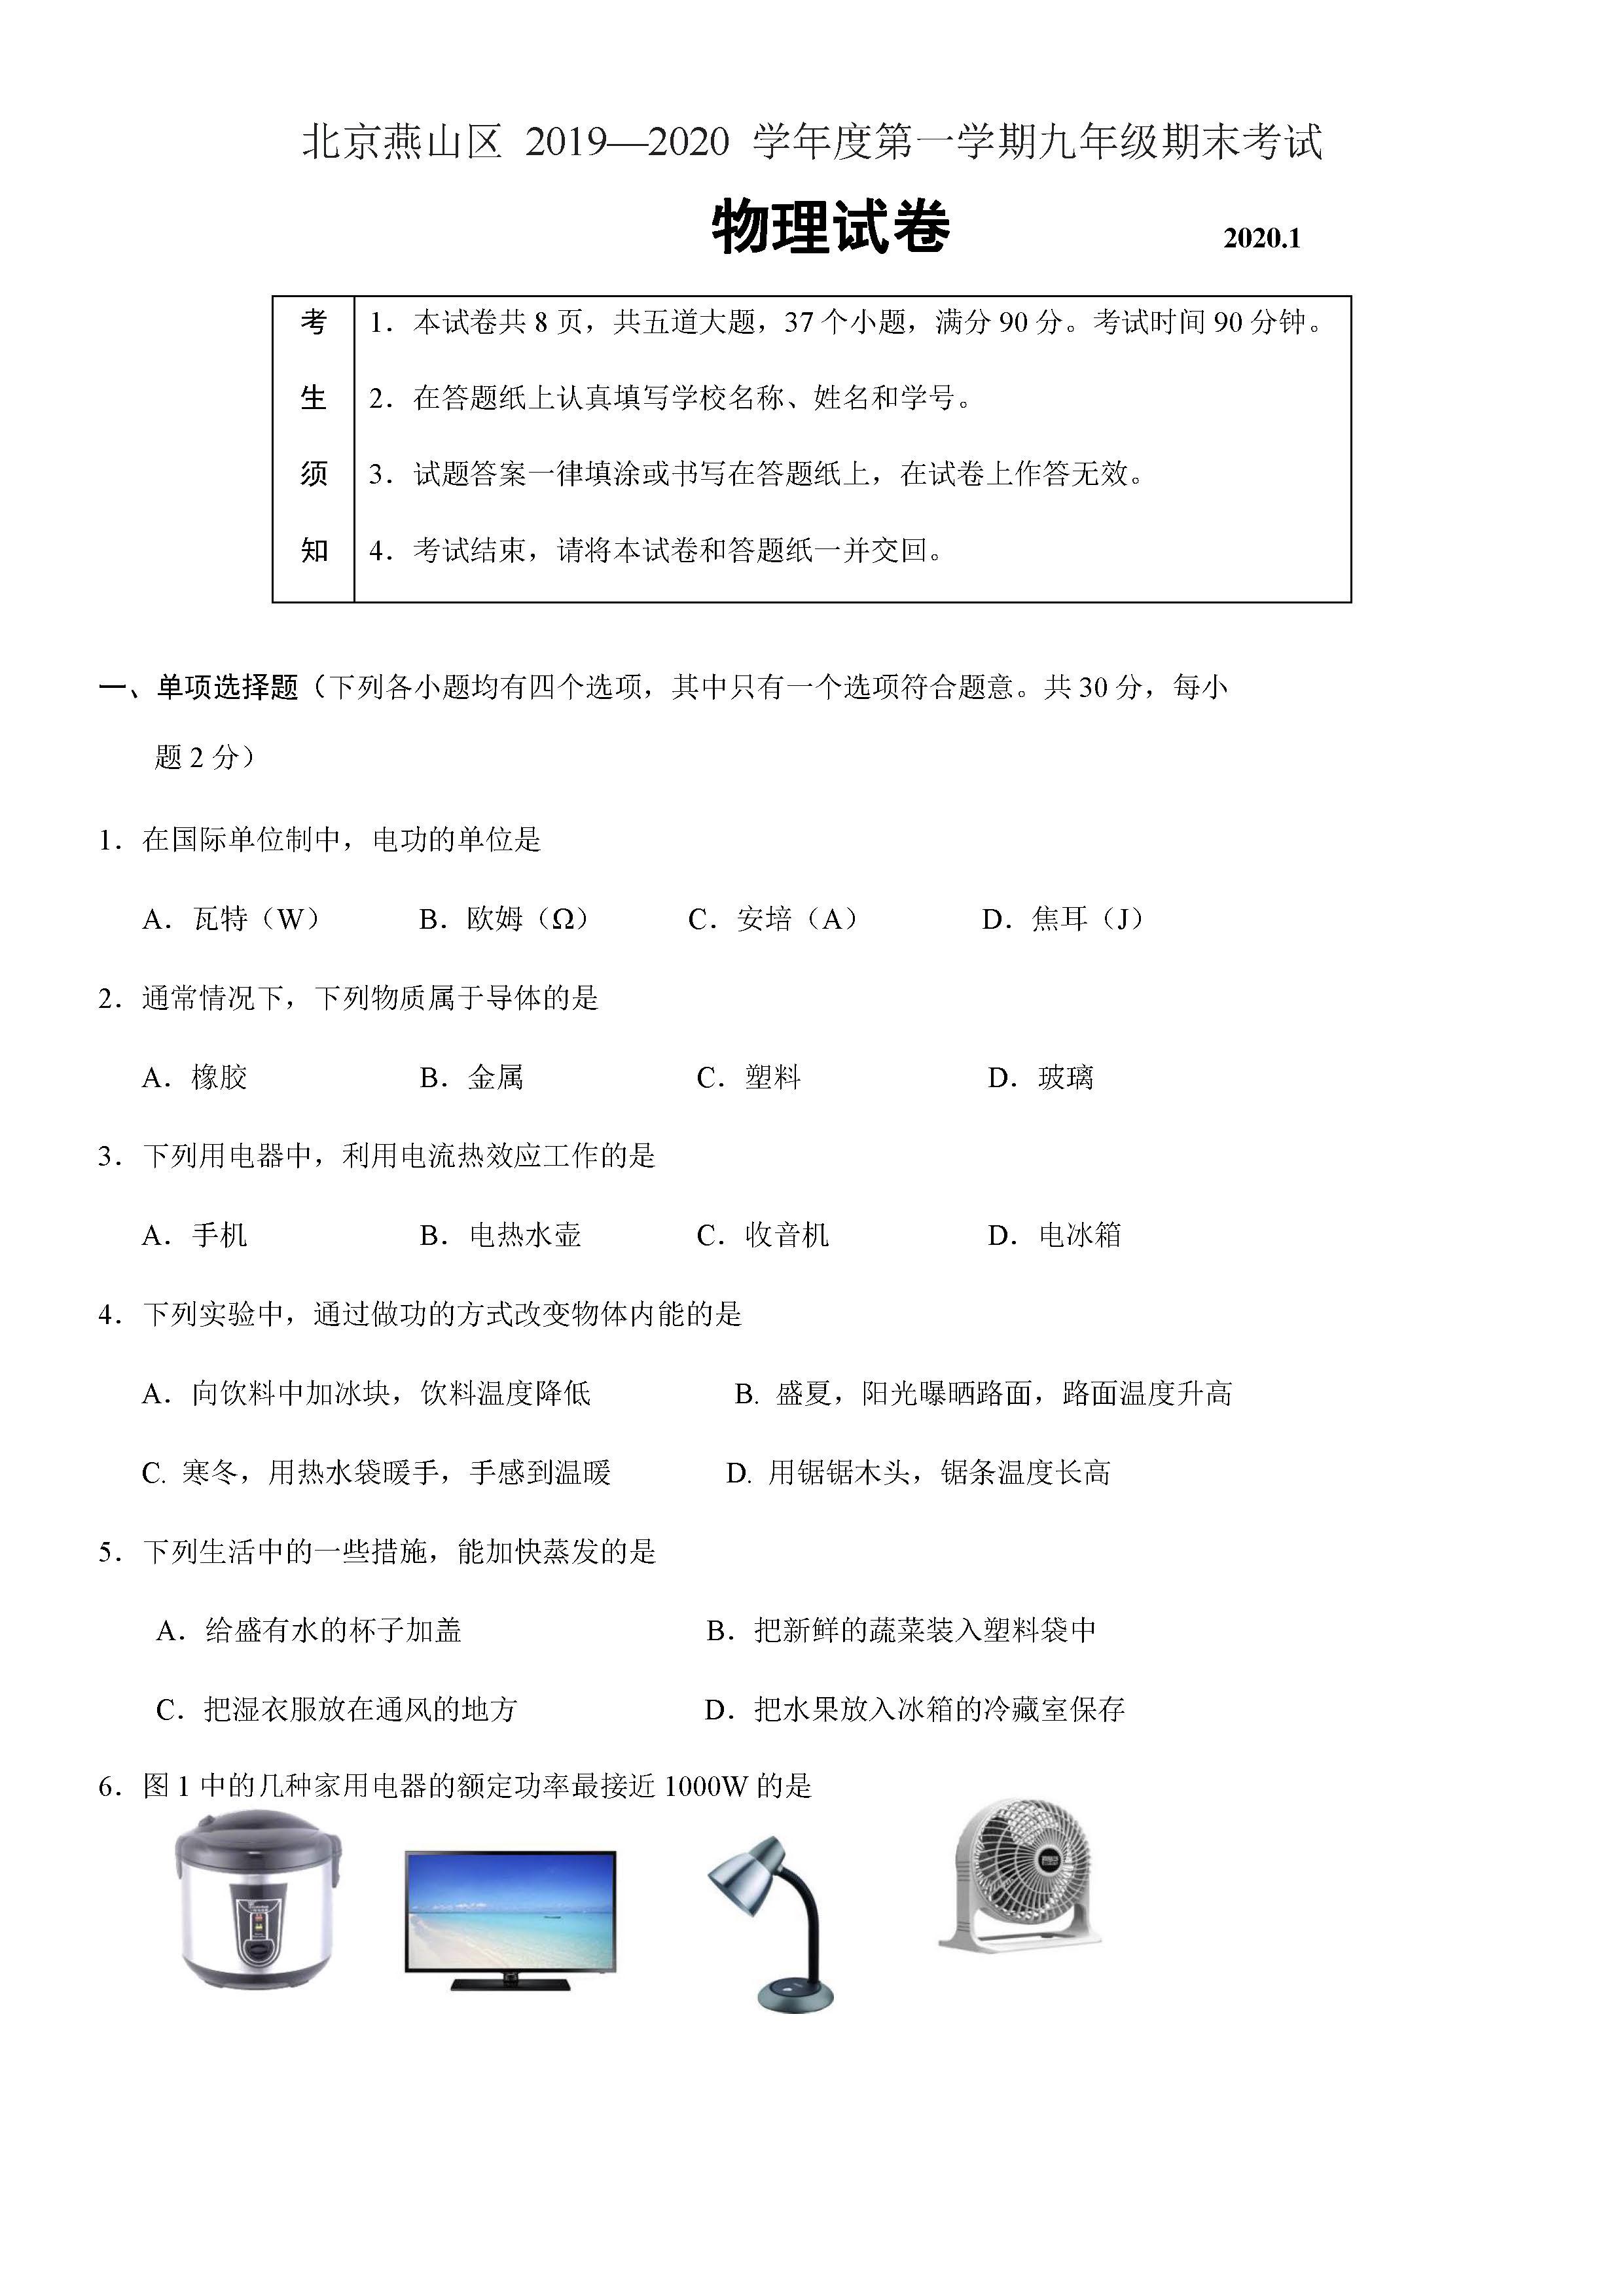 2020北京燕山初三上期末物理试题及答案(图片版)